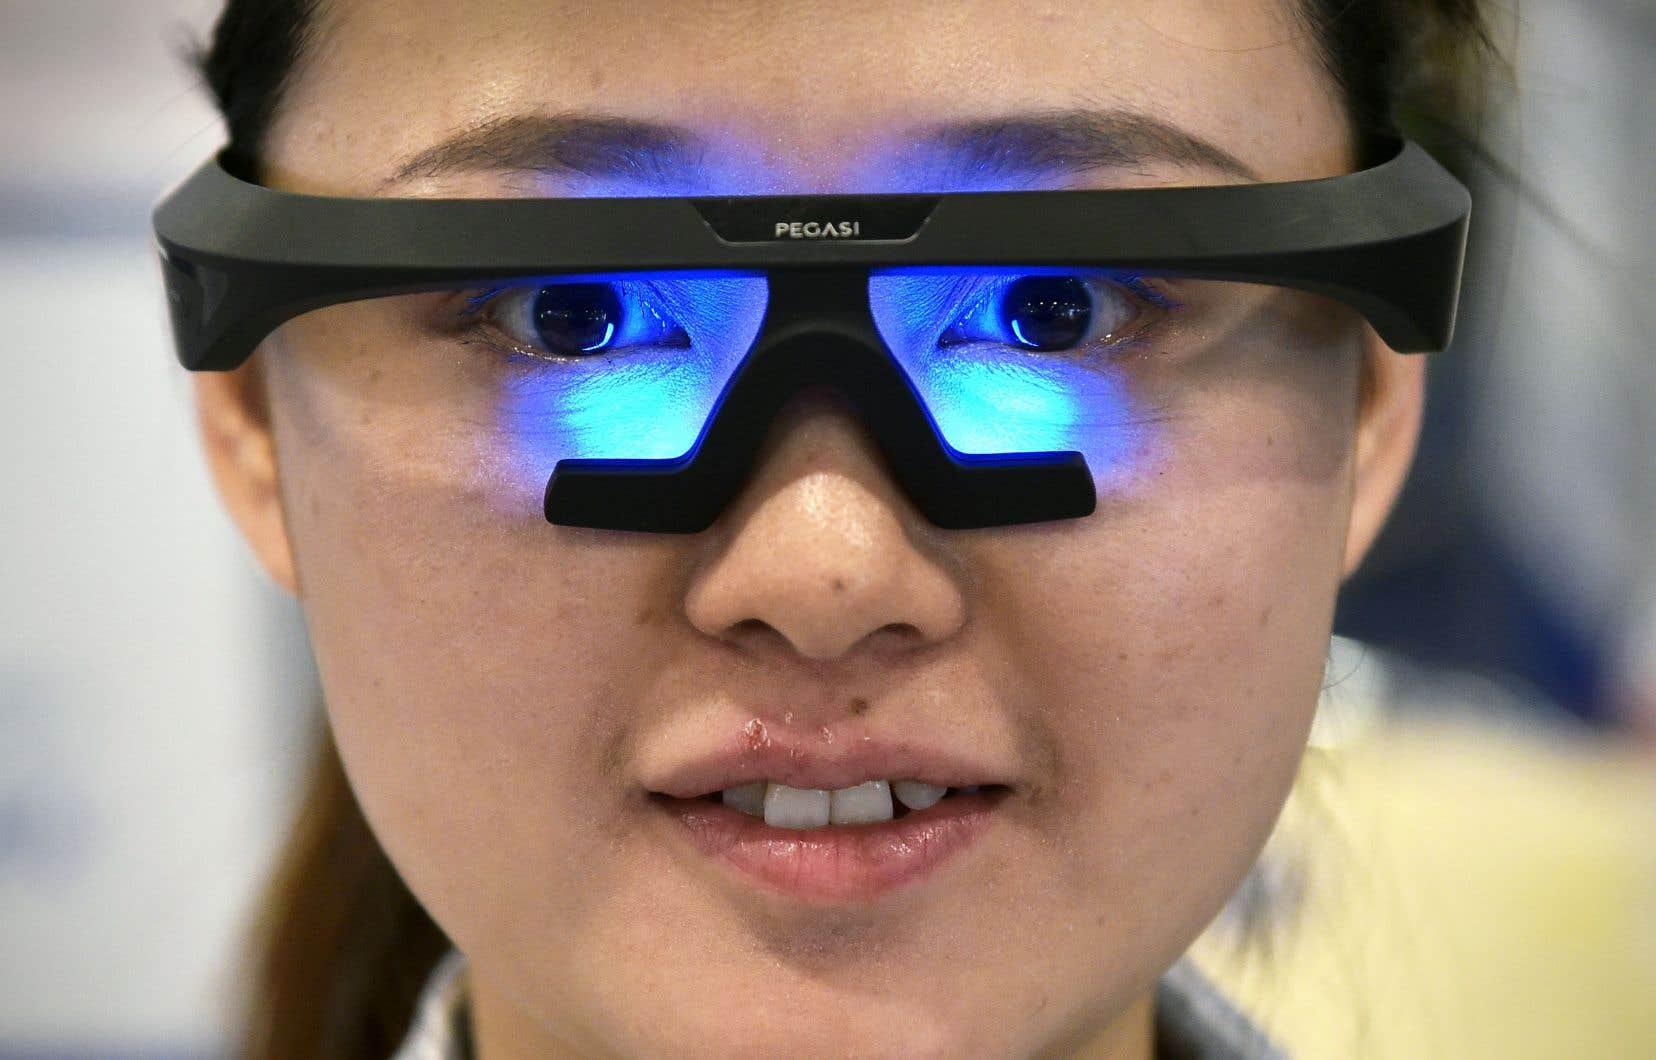 Une exposante présentant le produit Pegasi Smart Sleep Glasses au Consumer Electronics Show, l'an dernier. Le salon de cette année se déroulera dans un climat particulier après une série de scandales et de controverses, en particulier sur la gestion des données personnelles.